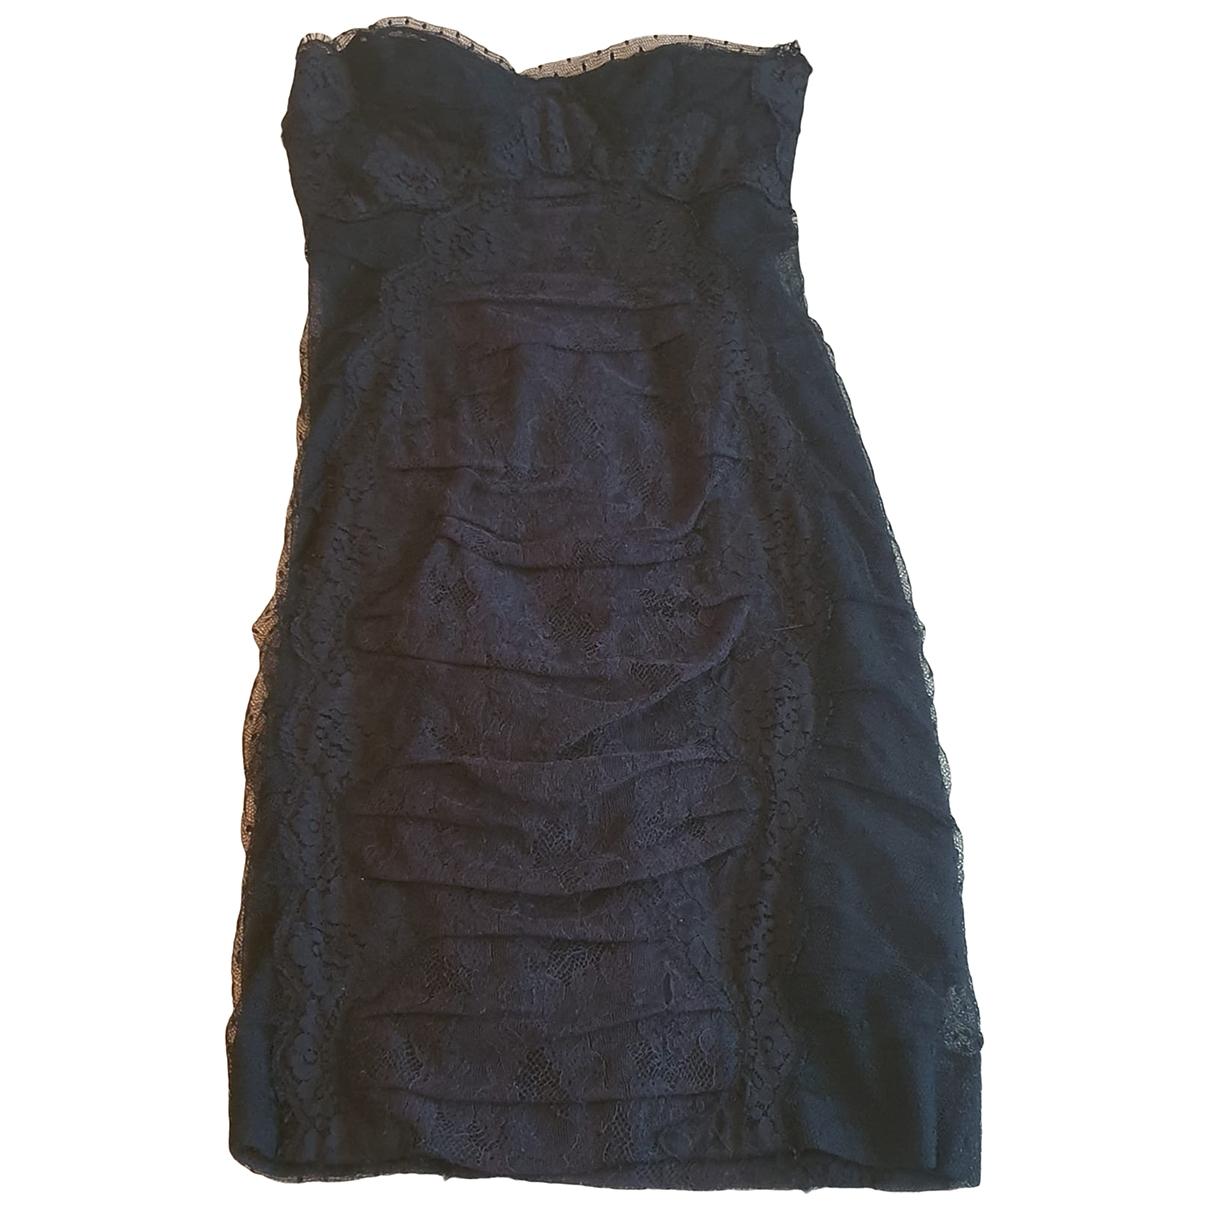 Dolce & Gabbana \N Black Lace dress for Women 42 IT